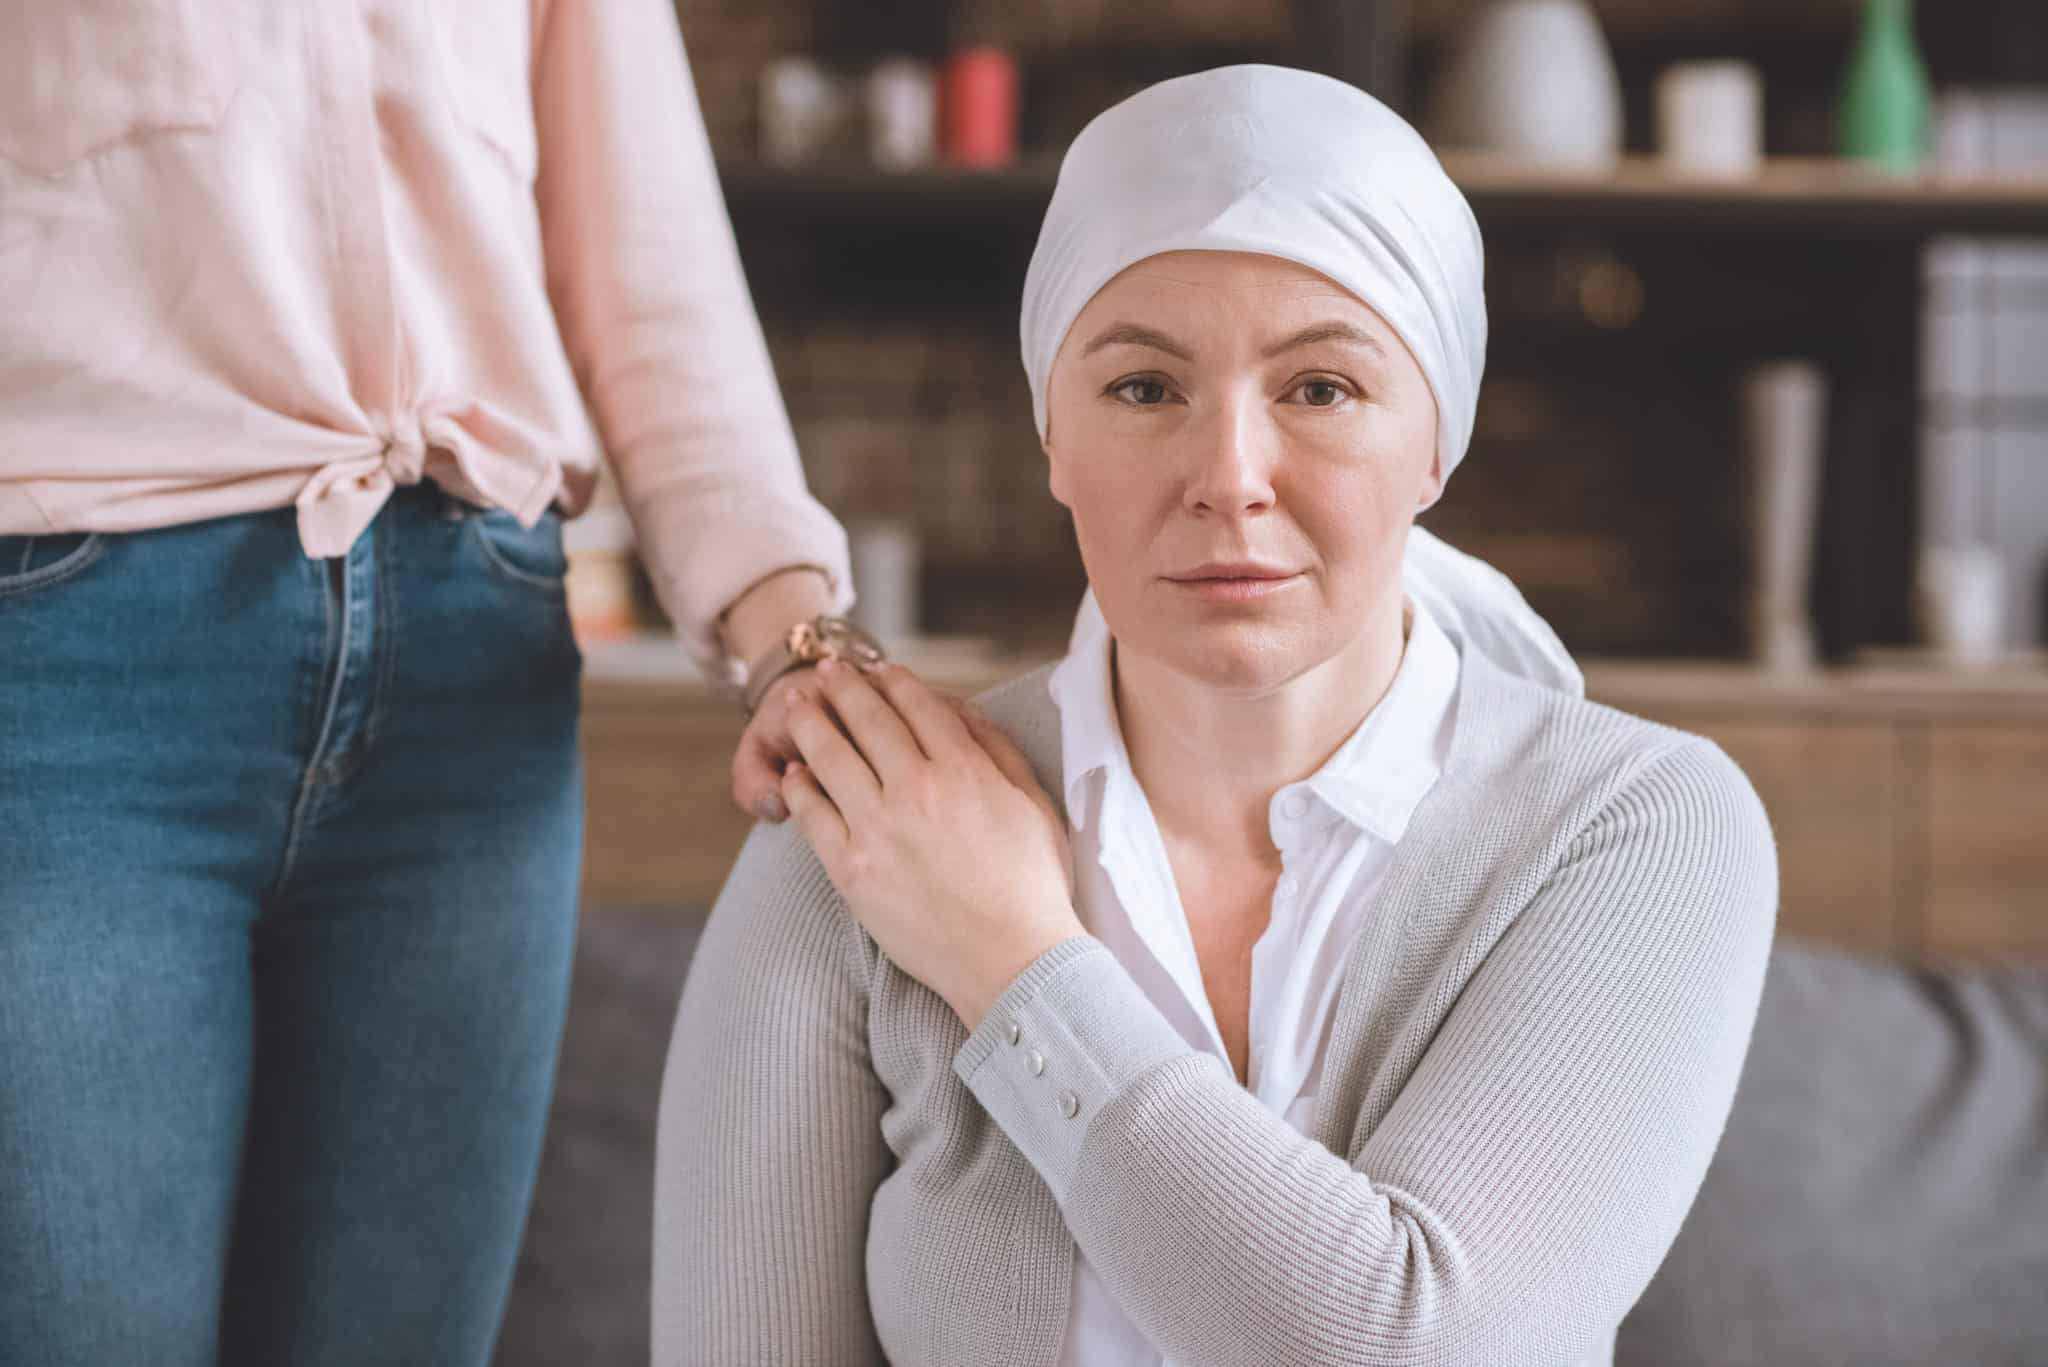 רשלנות רפואית באבחון מחלת הסרטן